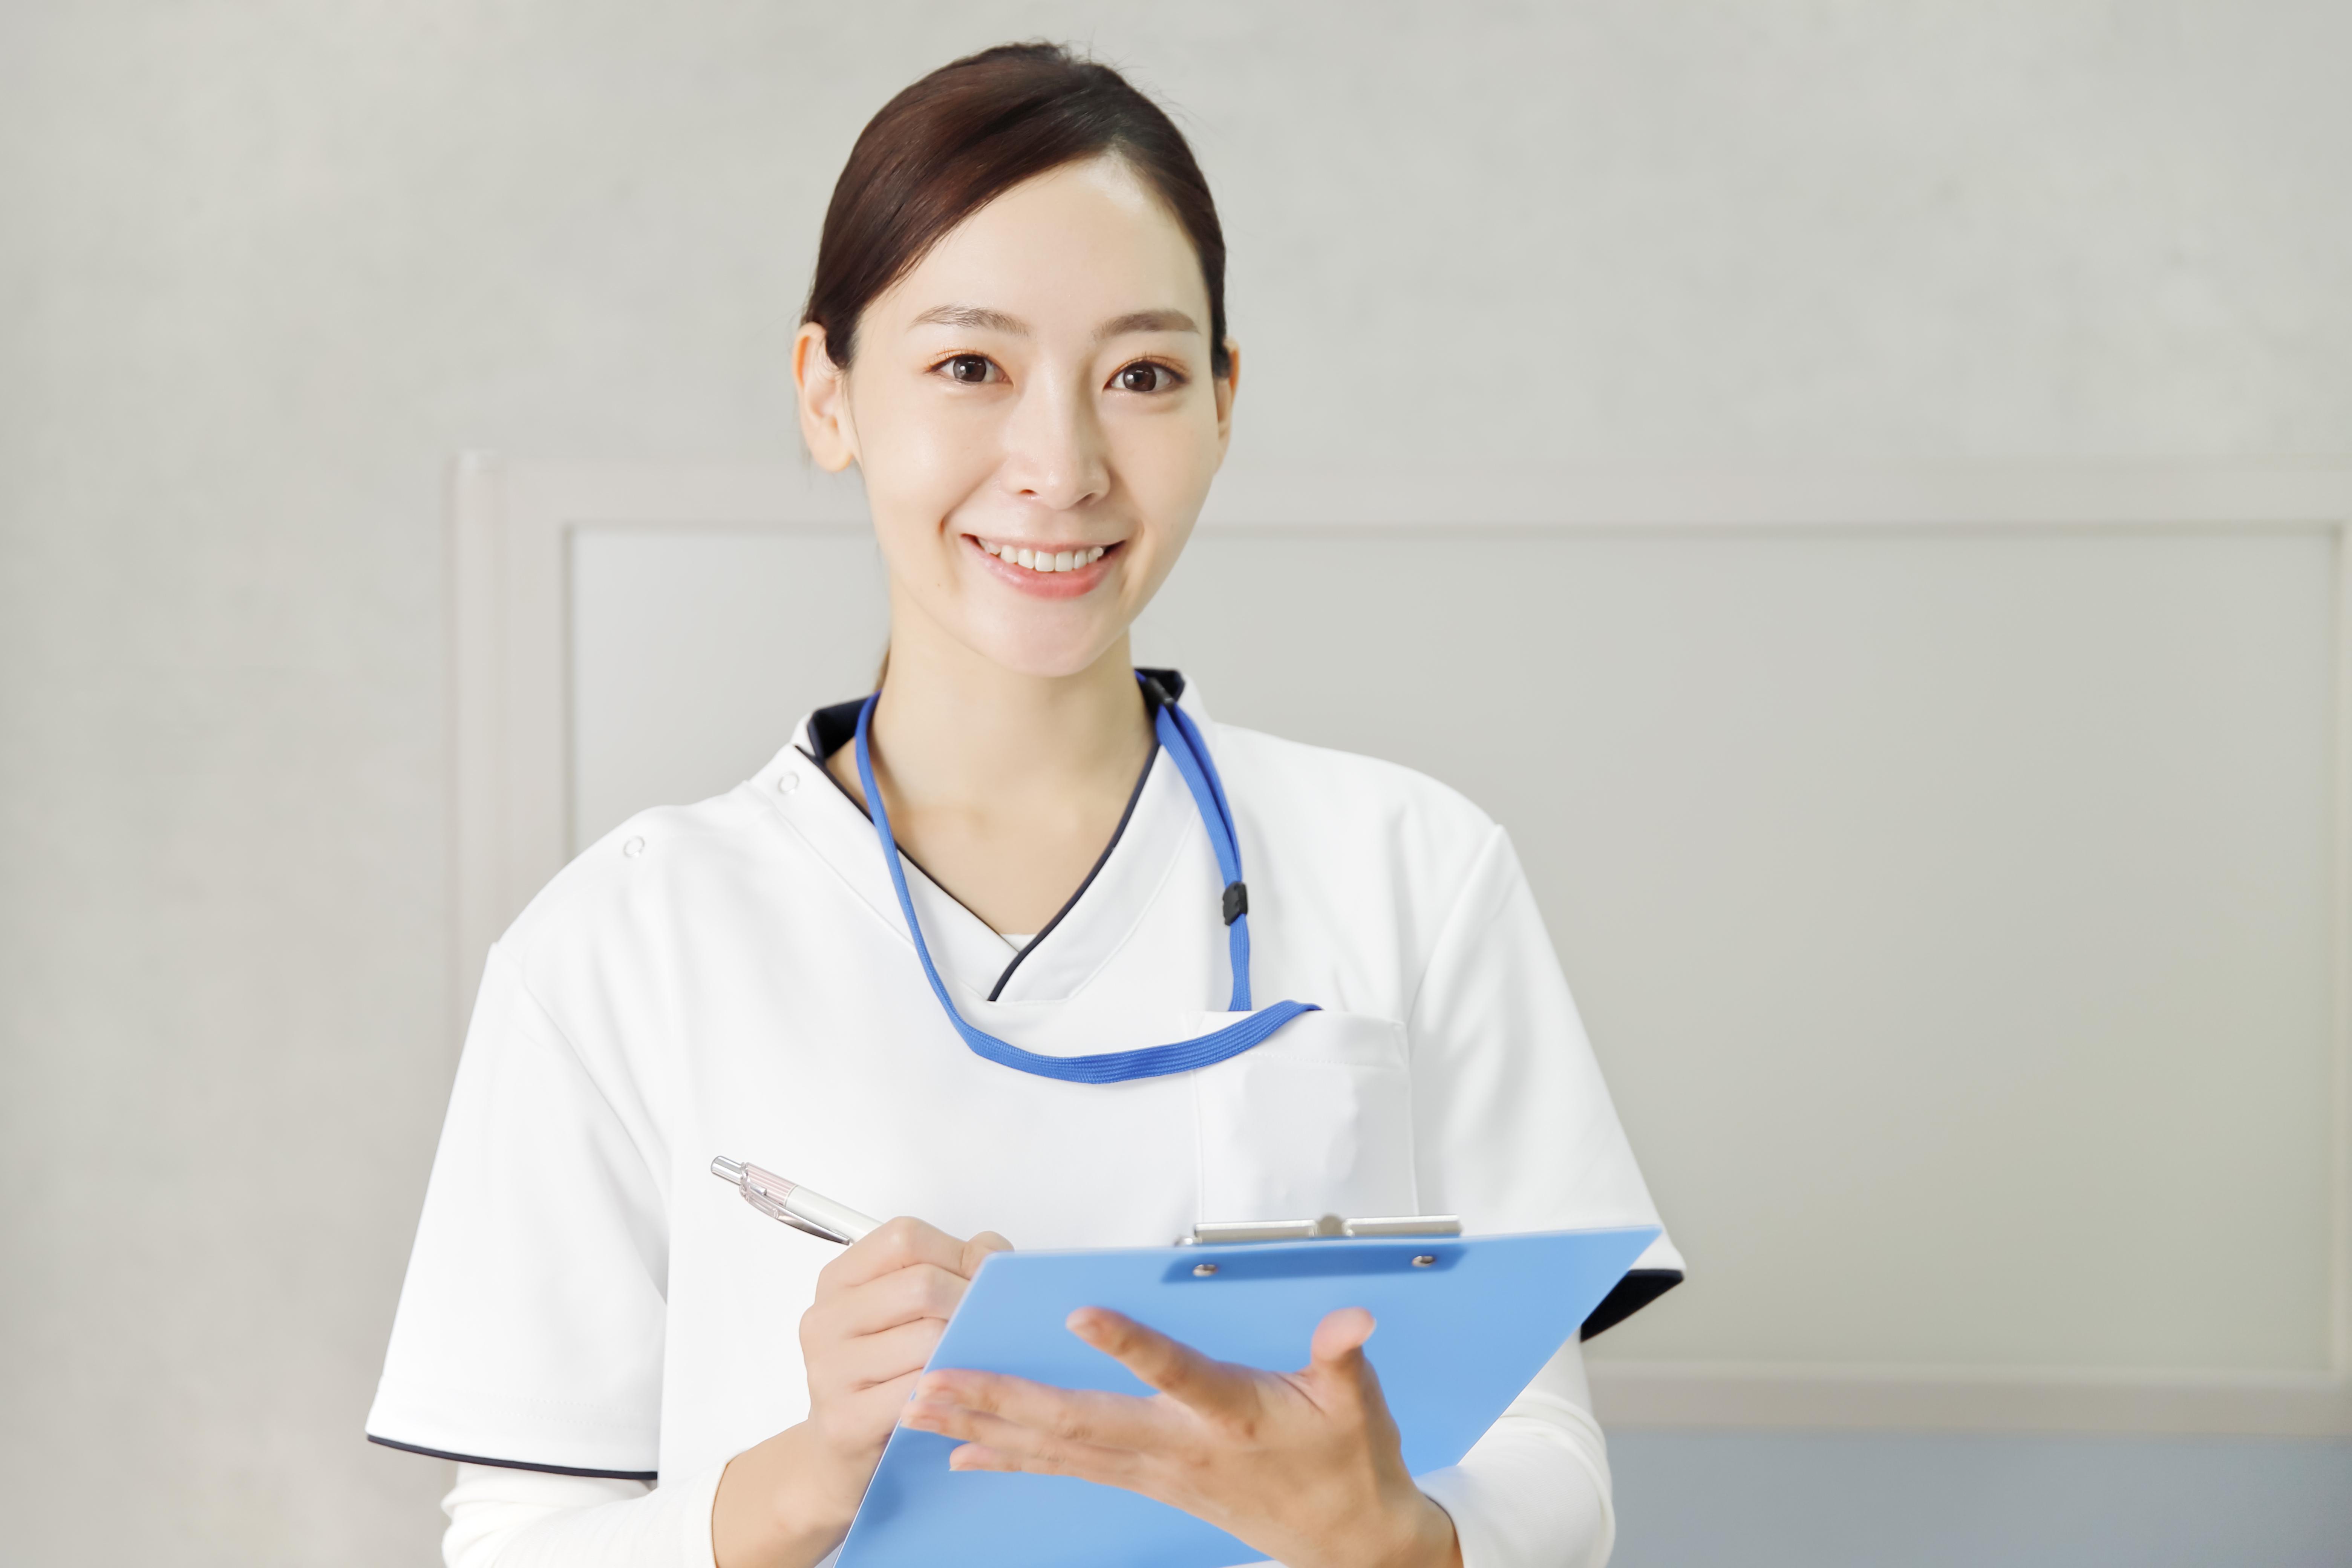 病院での看護師業務